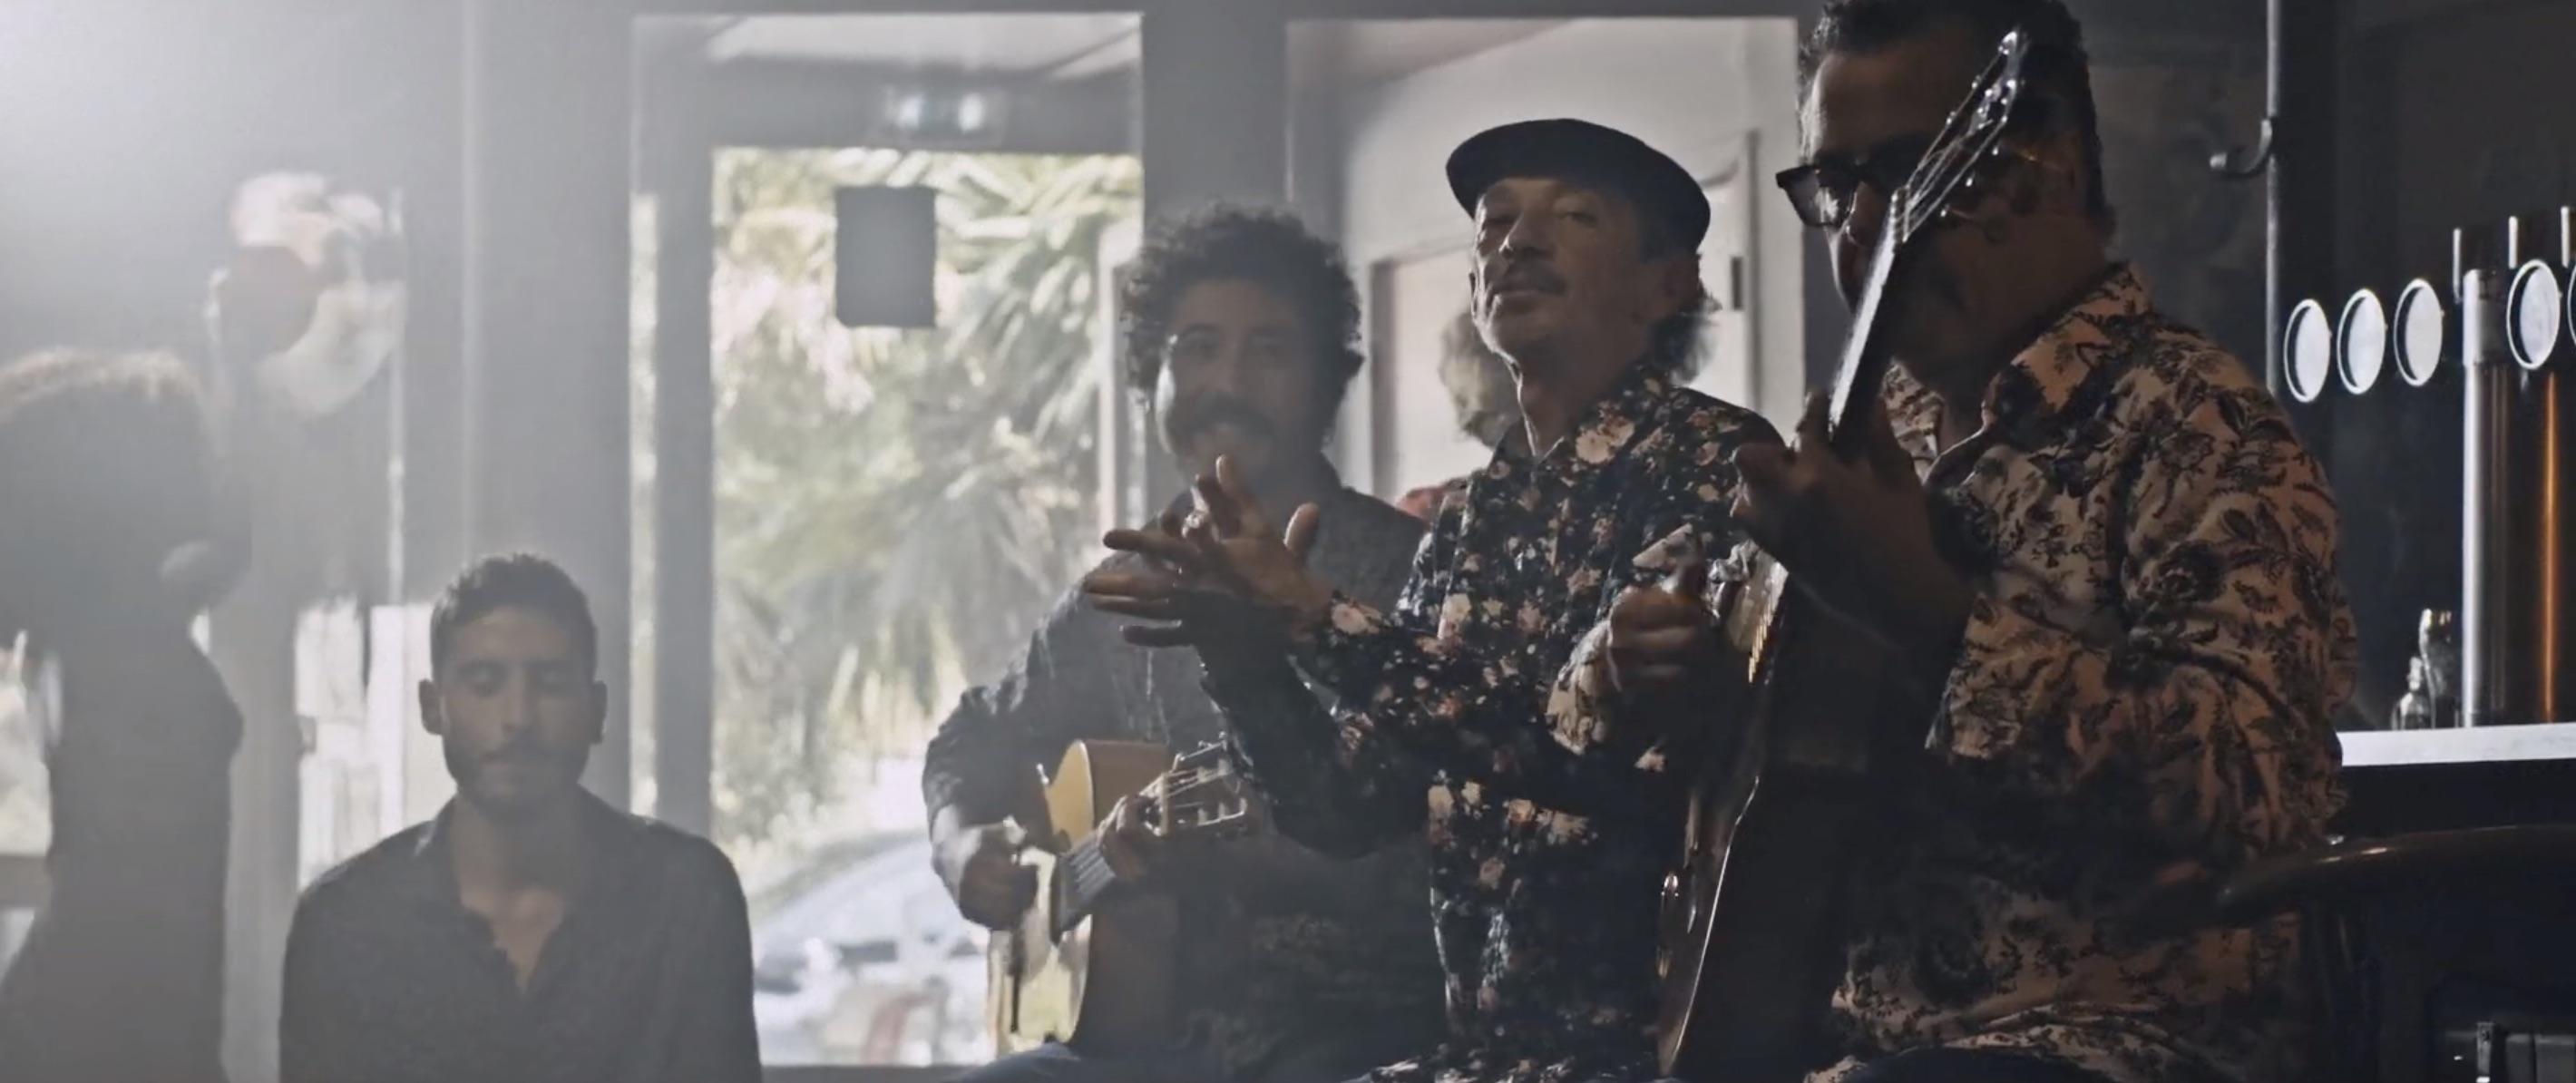 Fabian ordonez - el padre - chronique musicale - historia de un amor - clip